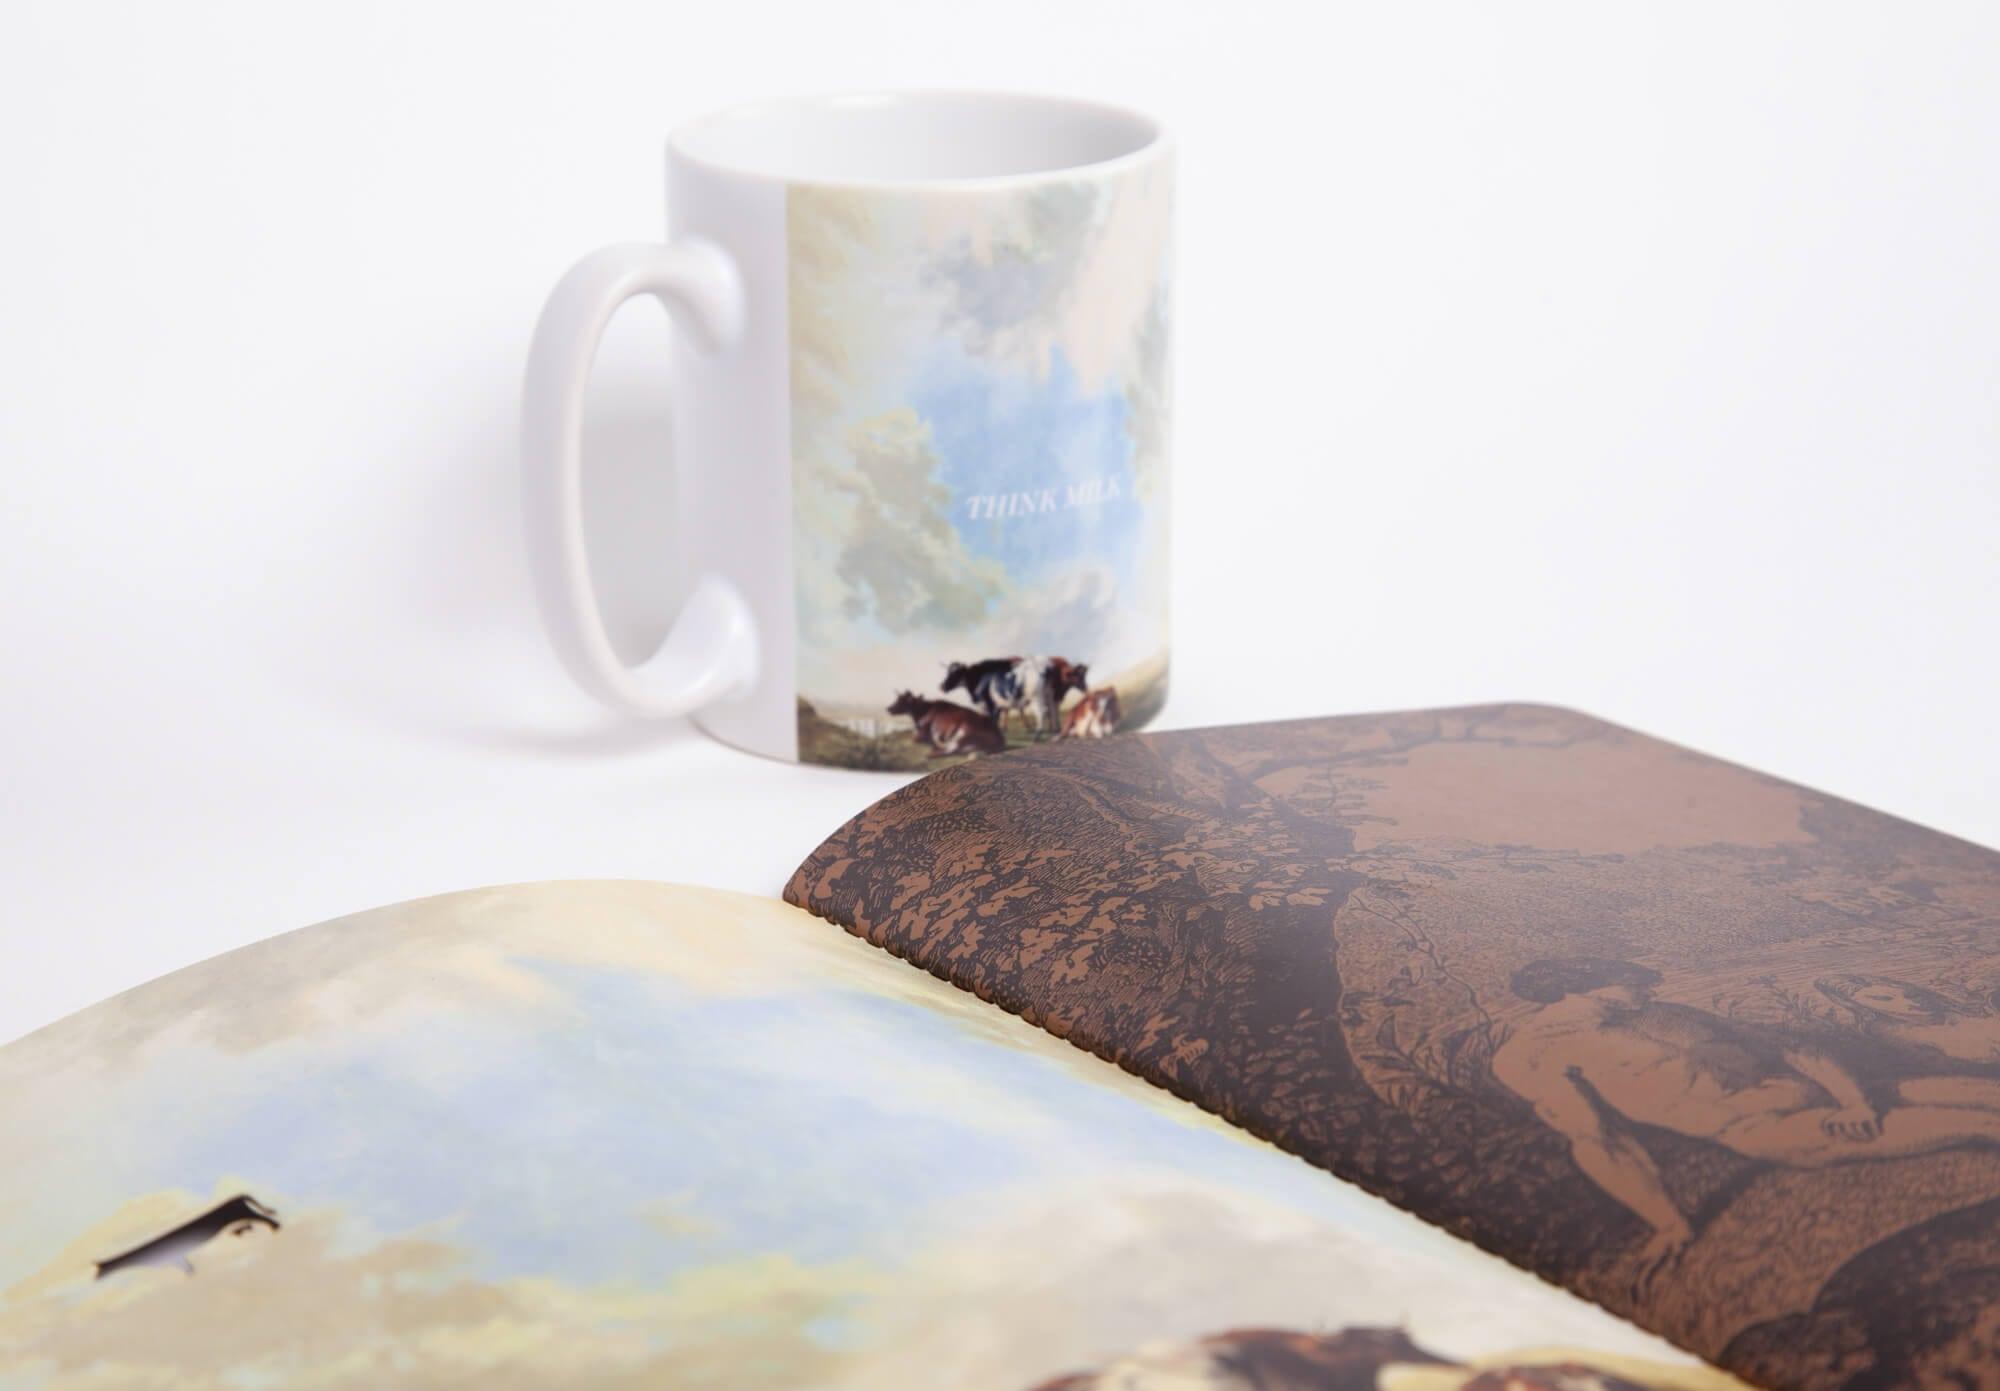 Gros plan du carnet et du mug think milk pour la milk factory, un kit de branding luxueux par le studio Ich&Kar